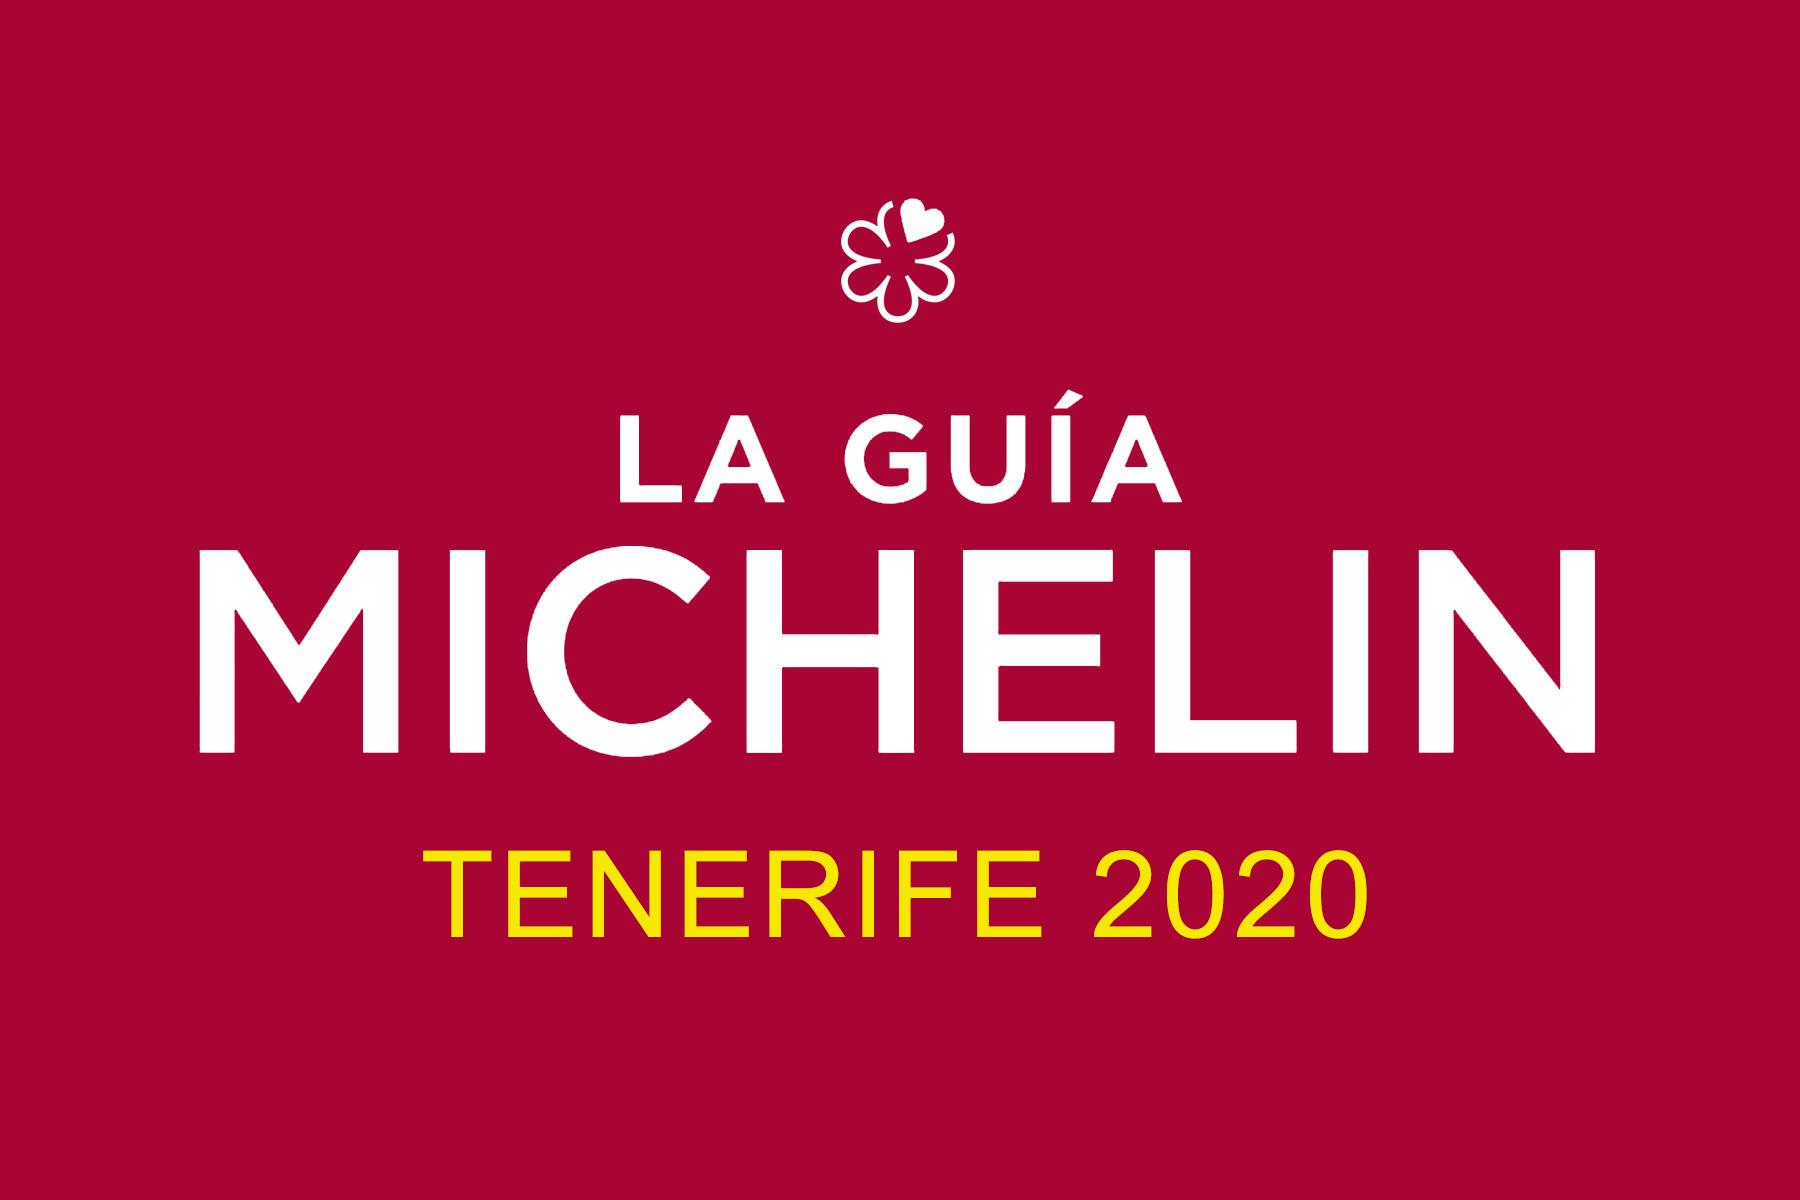 Michelin restauranger Teneriffa 2020